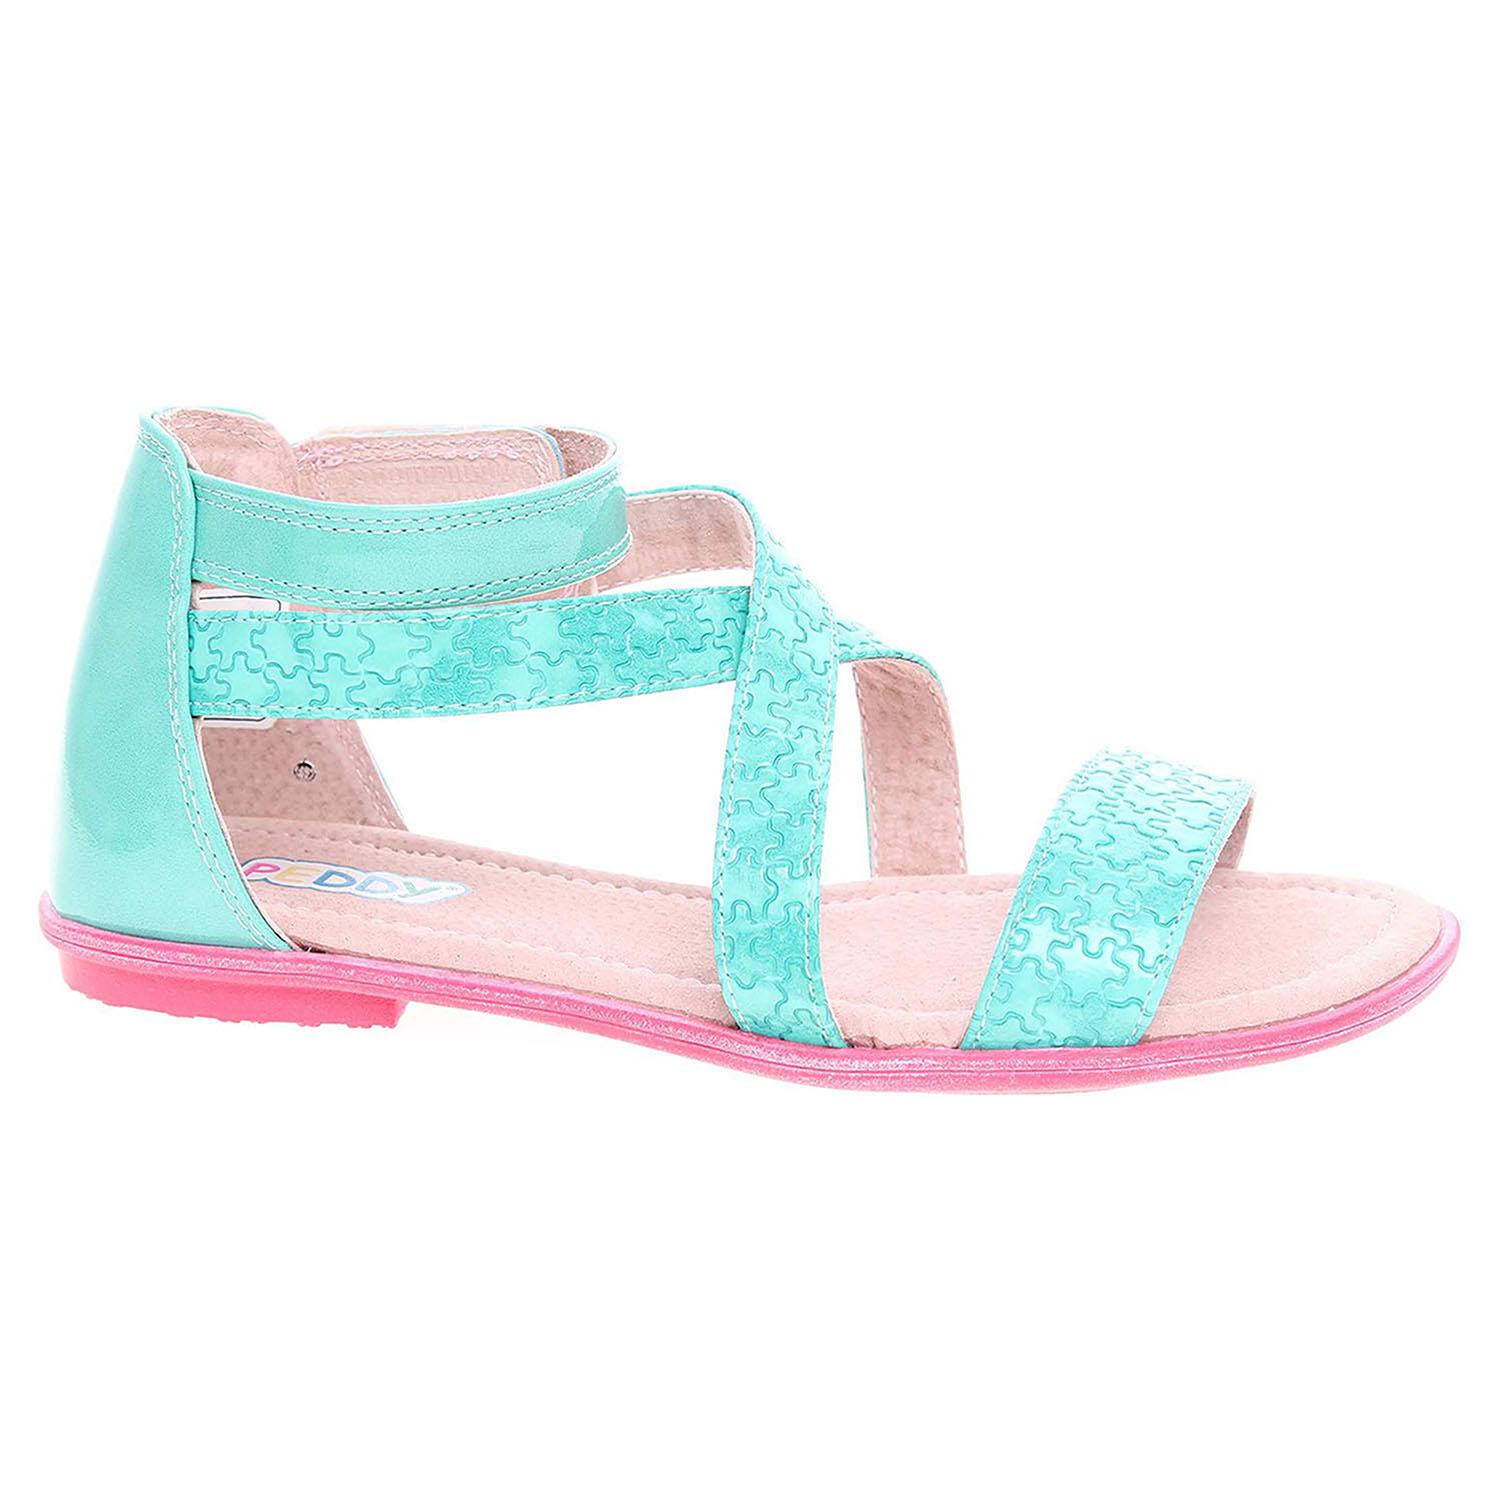 Dívčí sandály Peddy PU-512-38-07 zelené 31